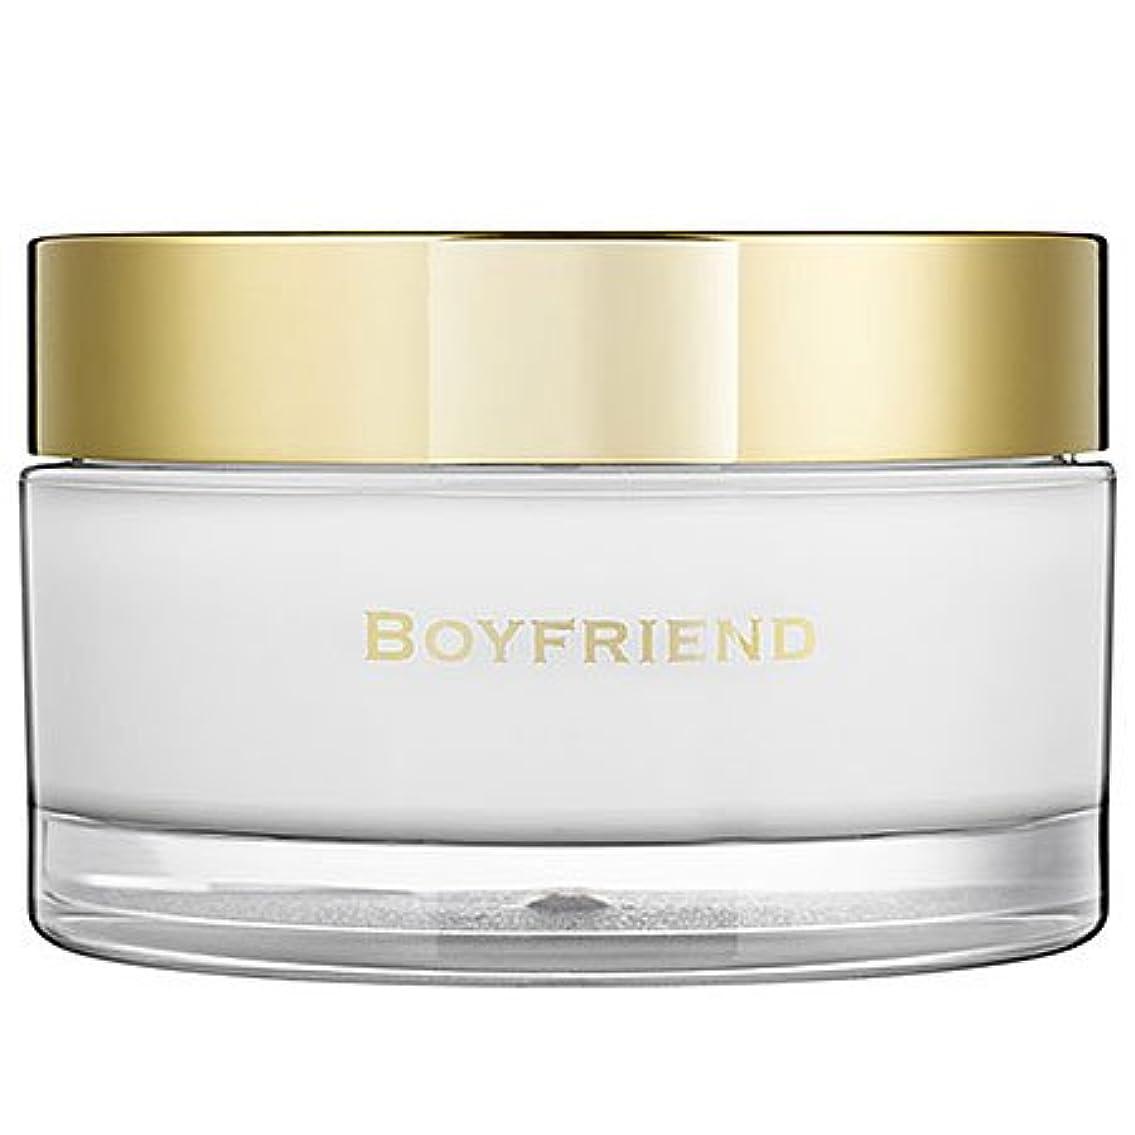 弾丸月蒸留するBoyfriend (ボーイフレンド) 6.7 oz (200ml) Body Cream by Kate Walsh for Women